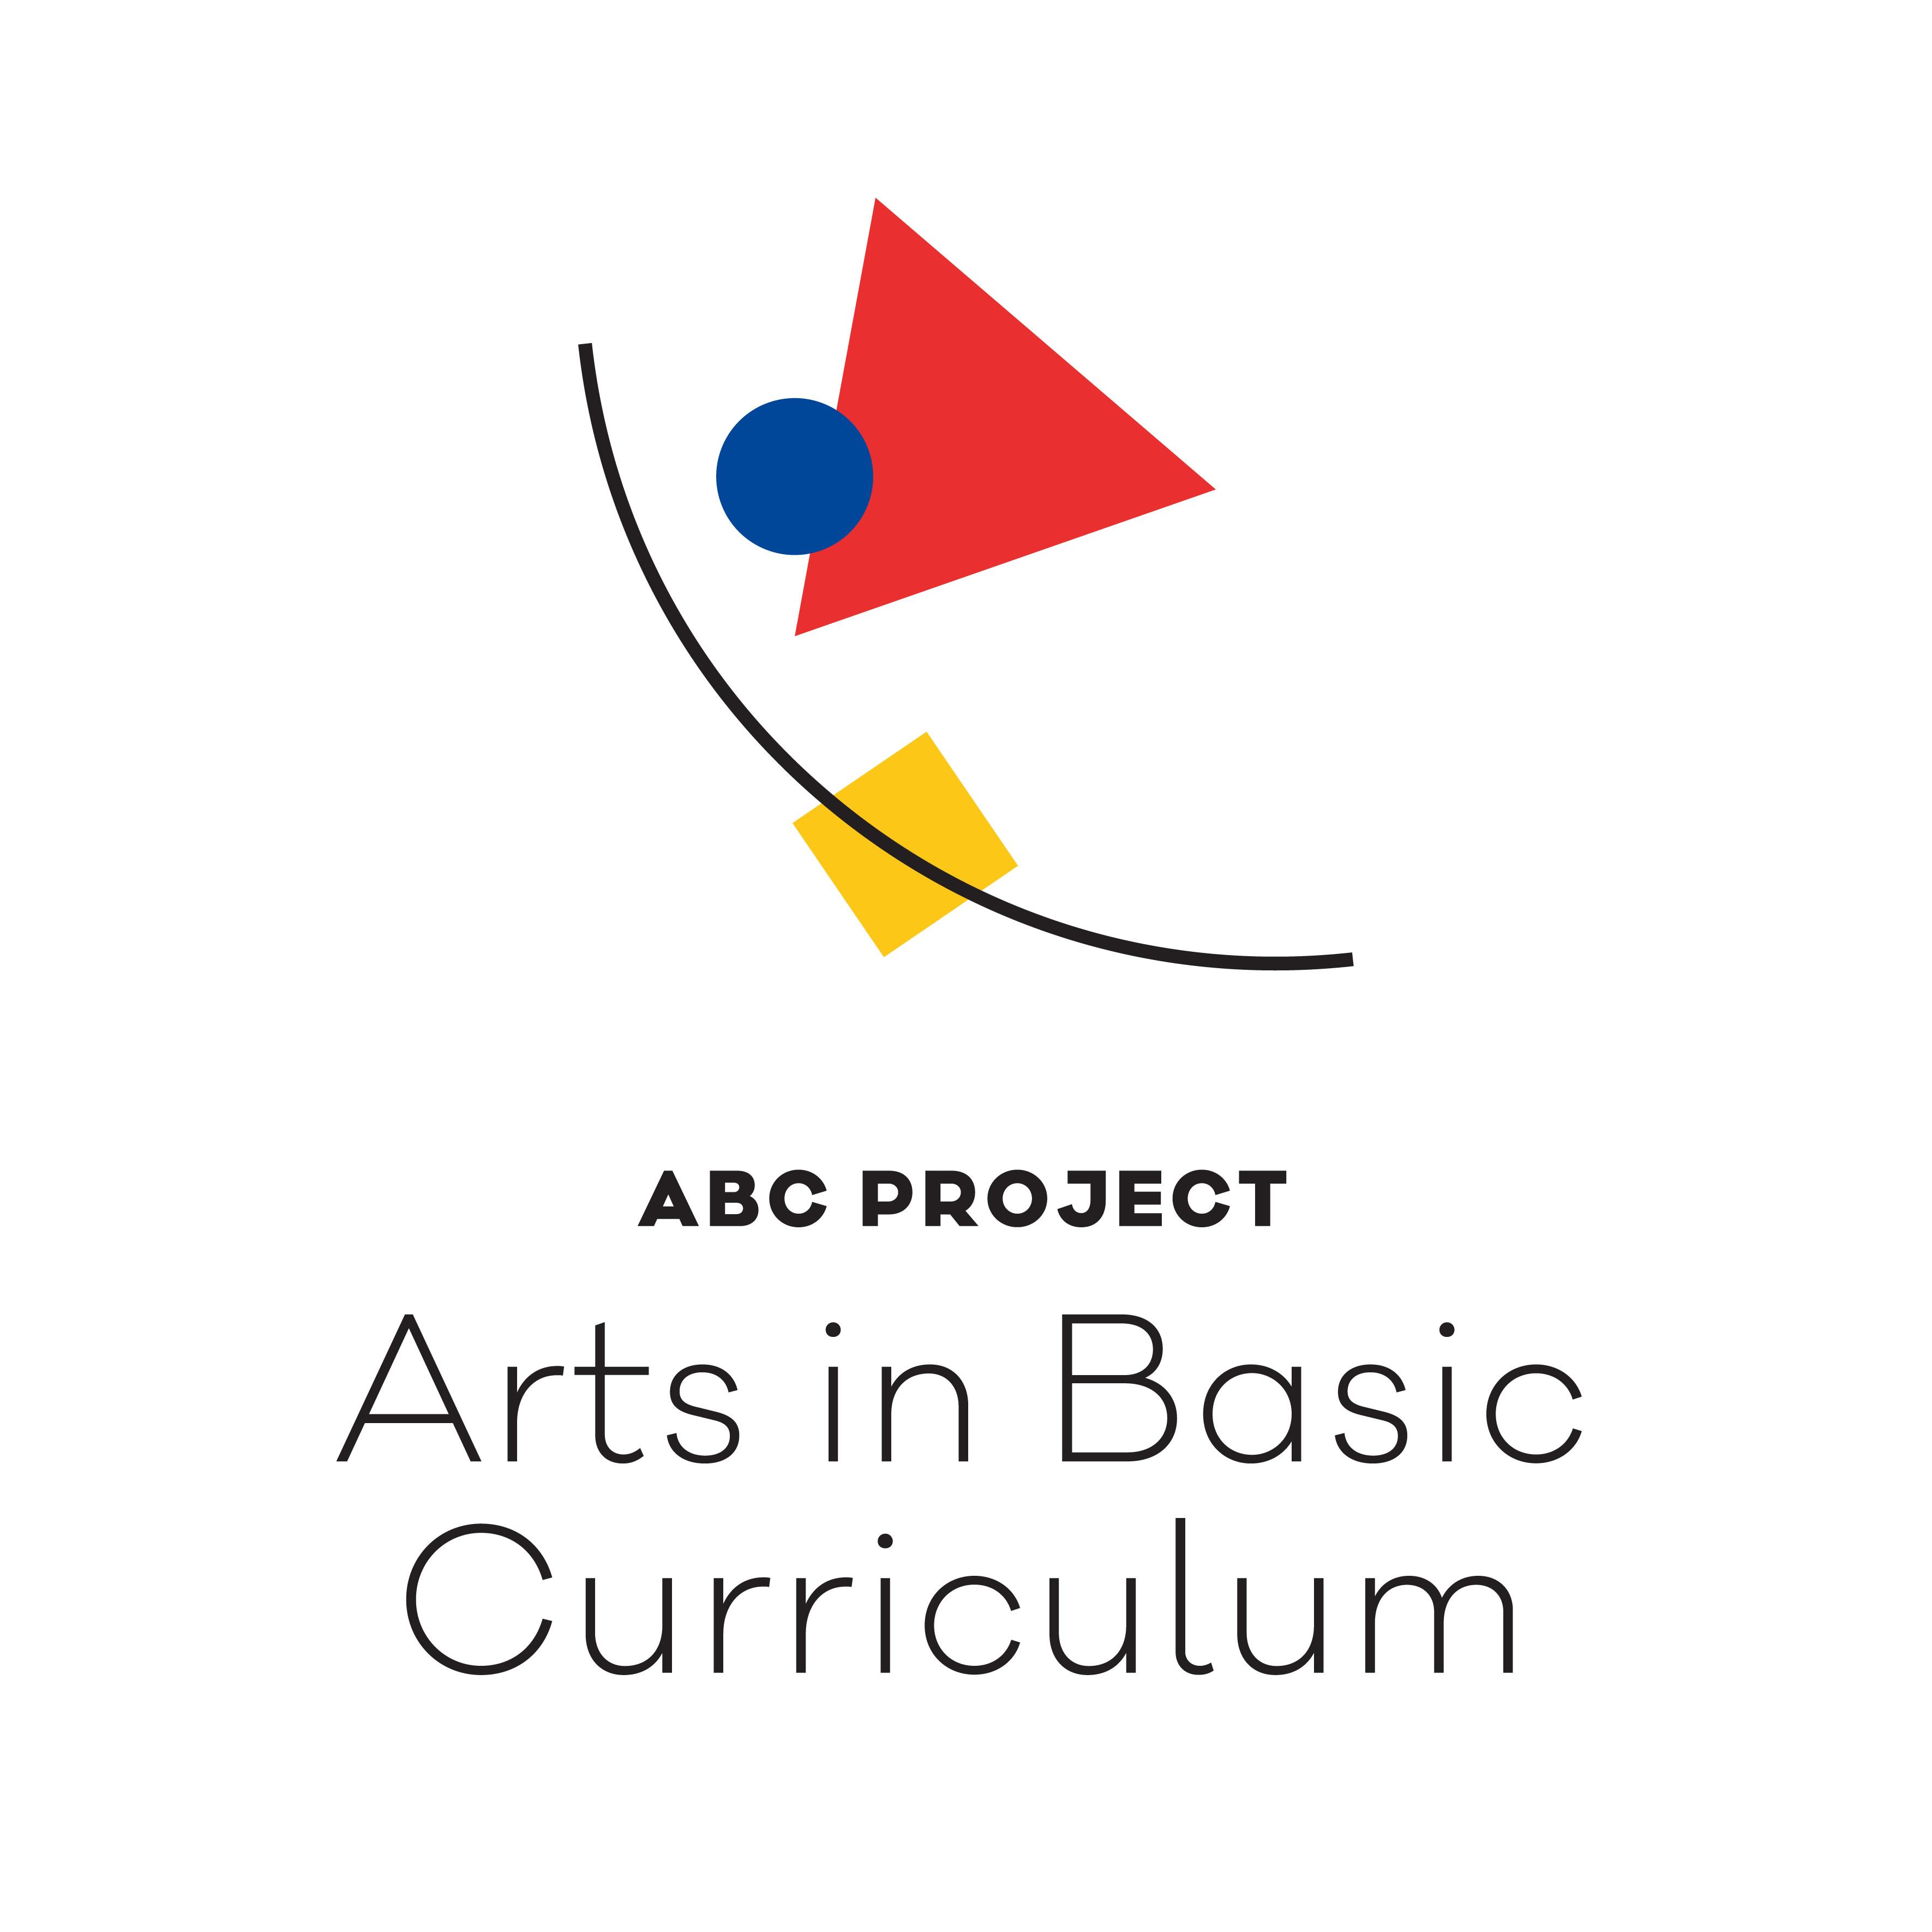 ABC (Arts in Basic Curriculum)